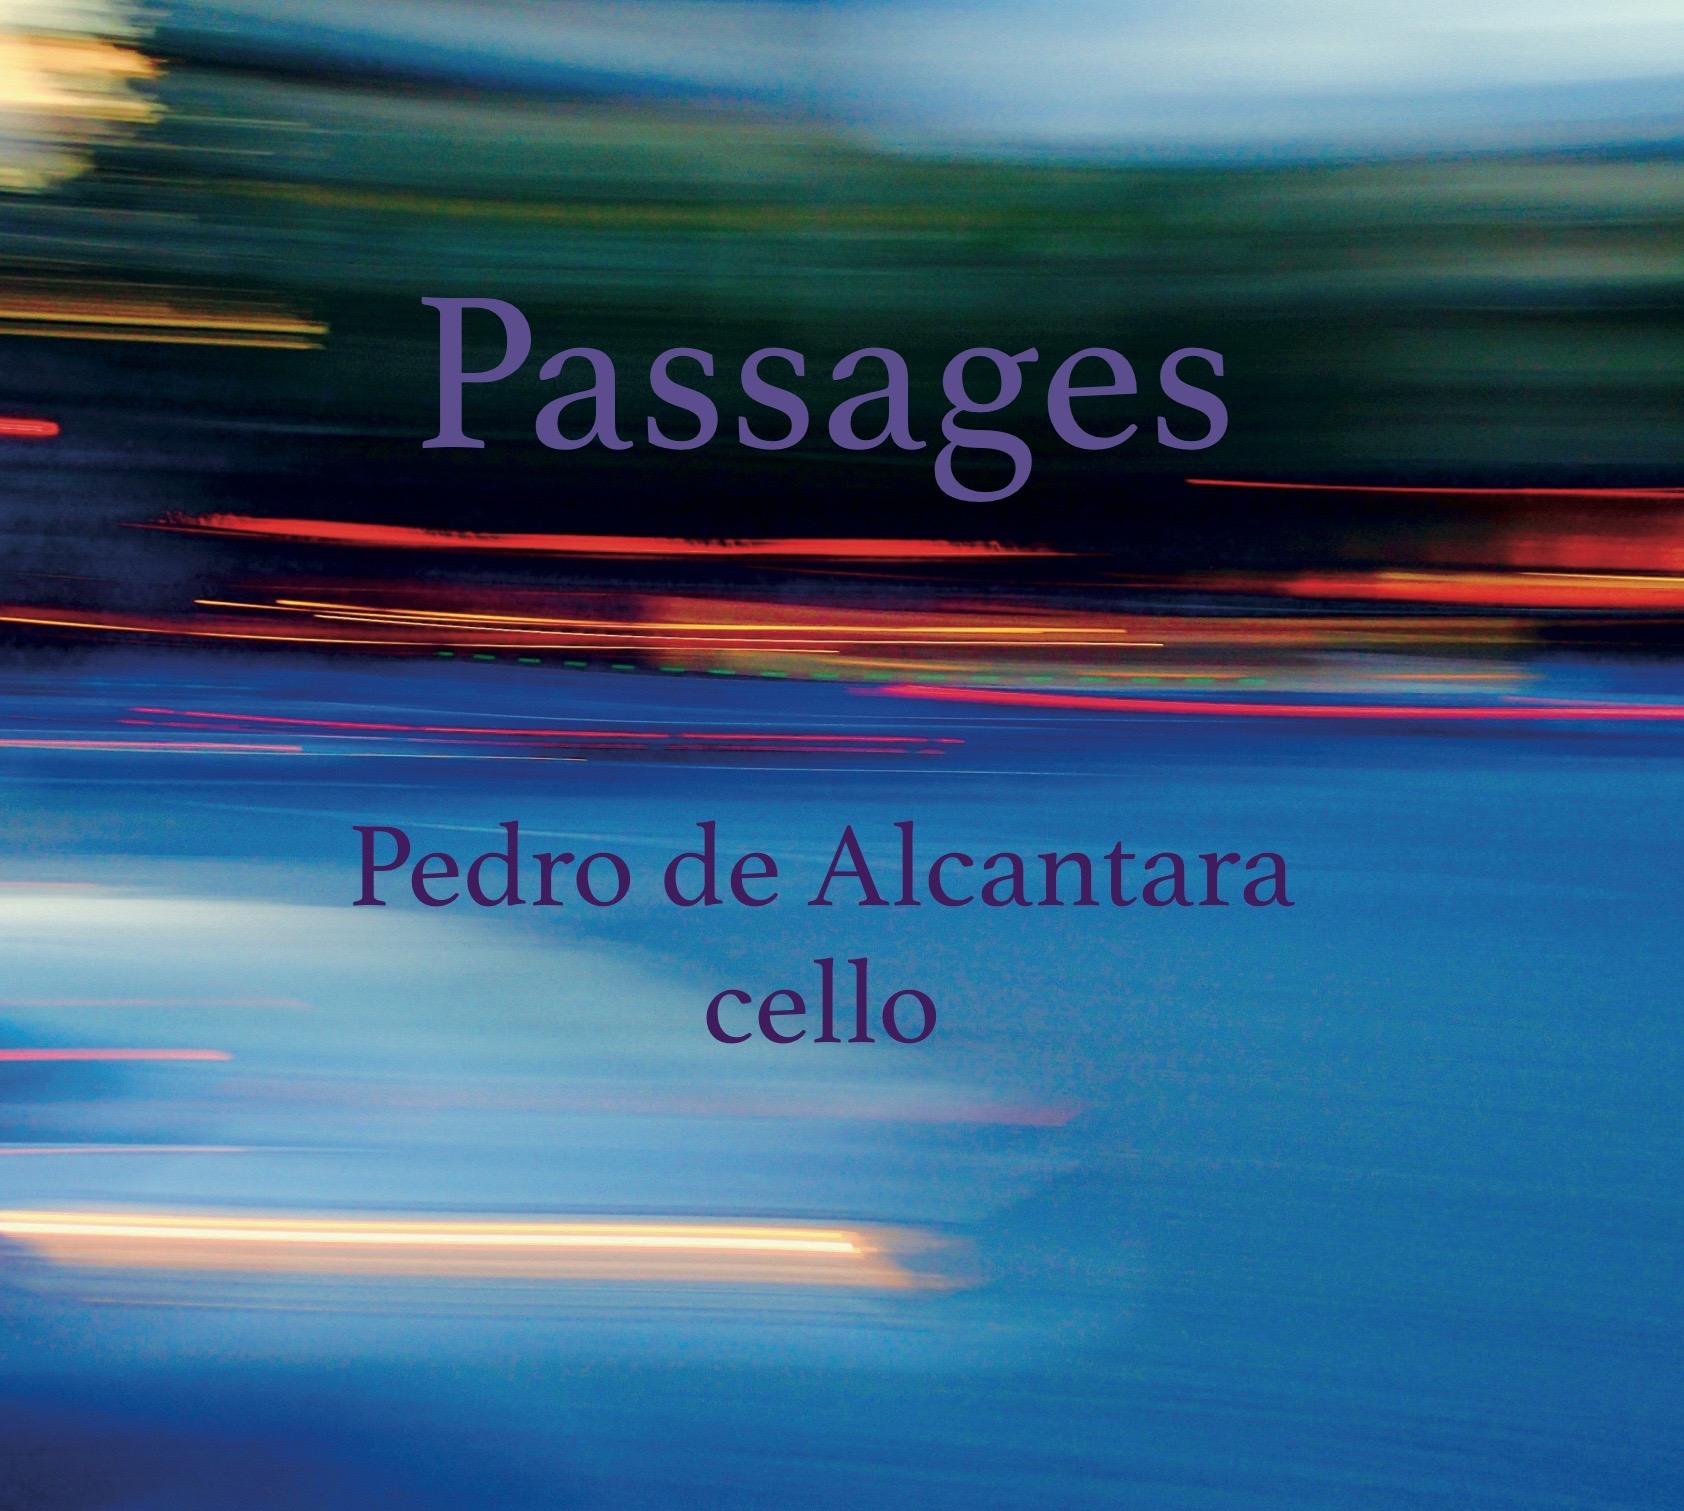 CD cover (3).jpg